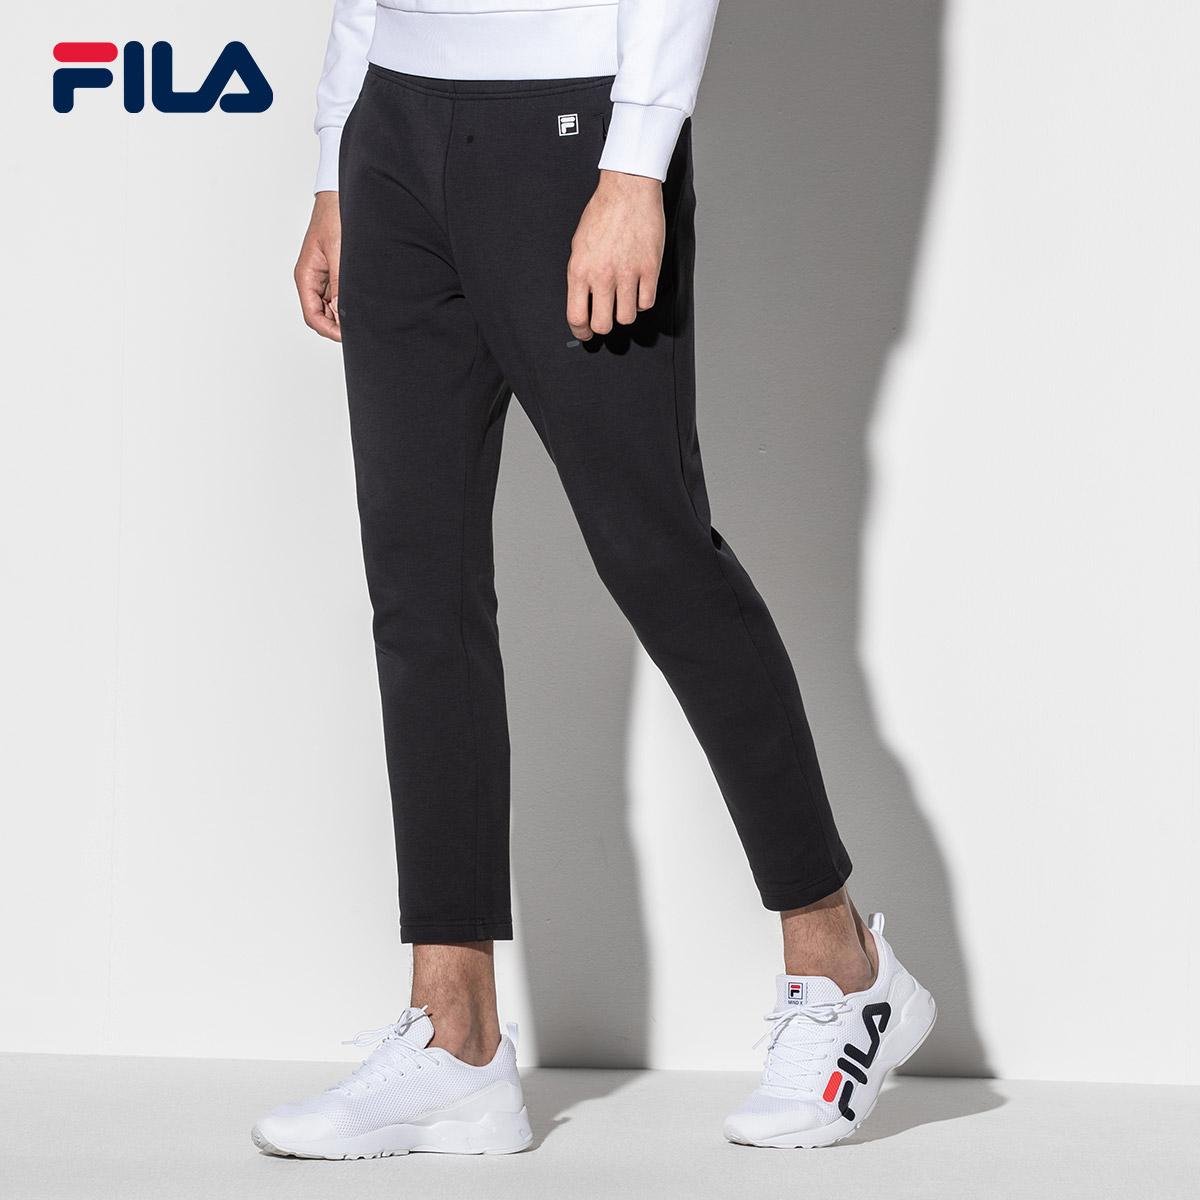 FILA斐乐长裤男运动裤2018秋季新款运动休闲针织裤透气修身男裤